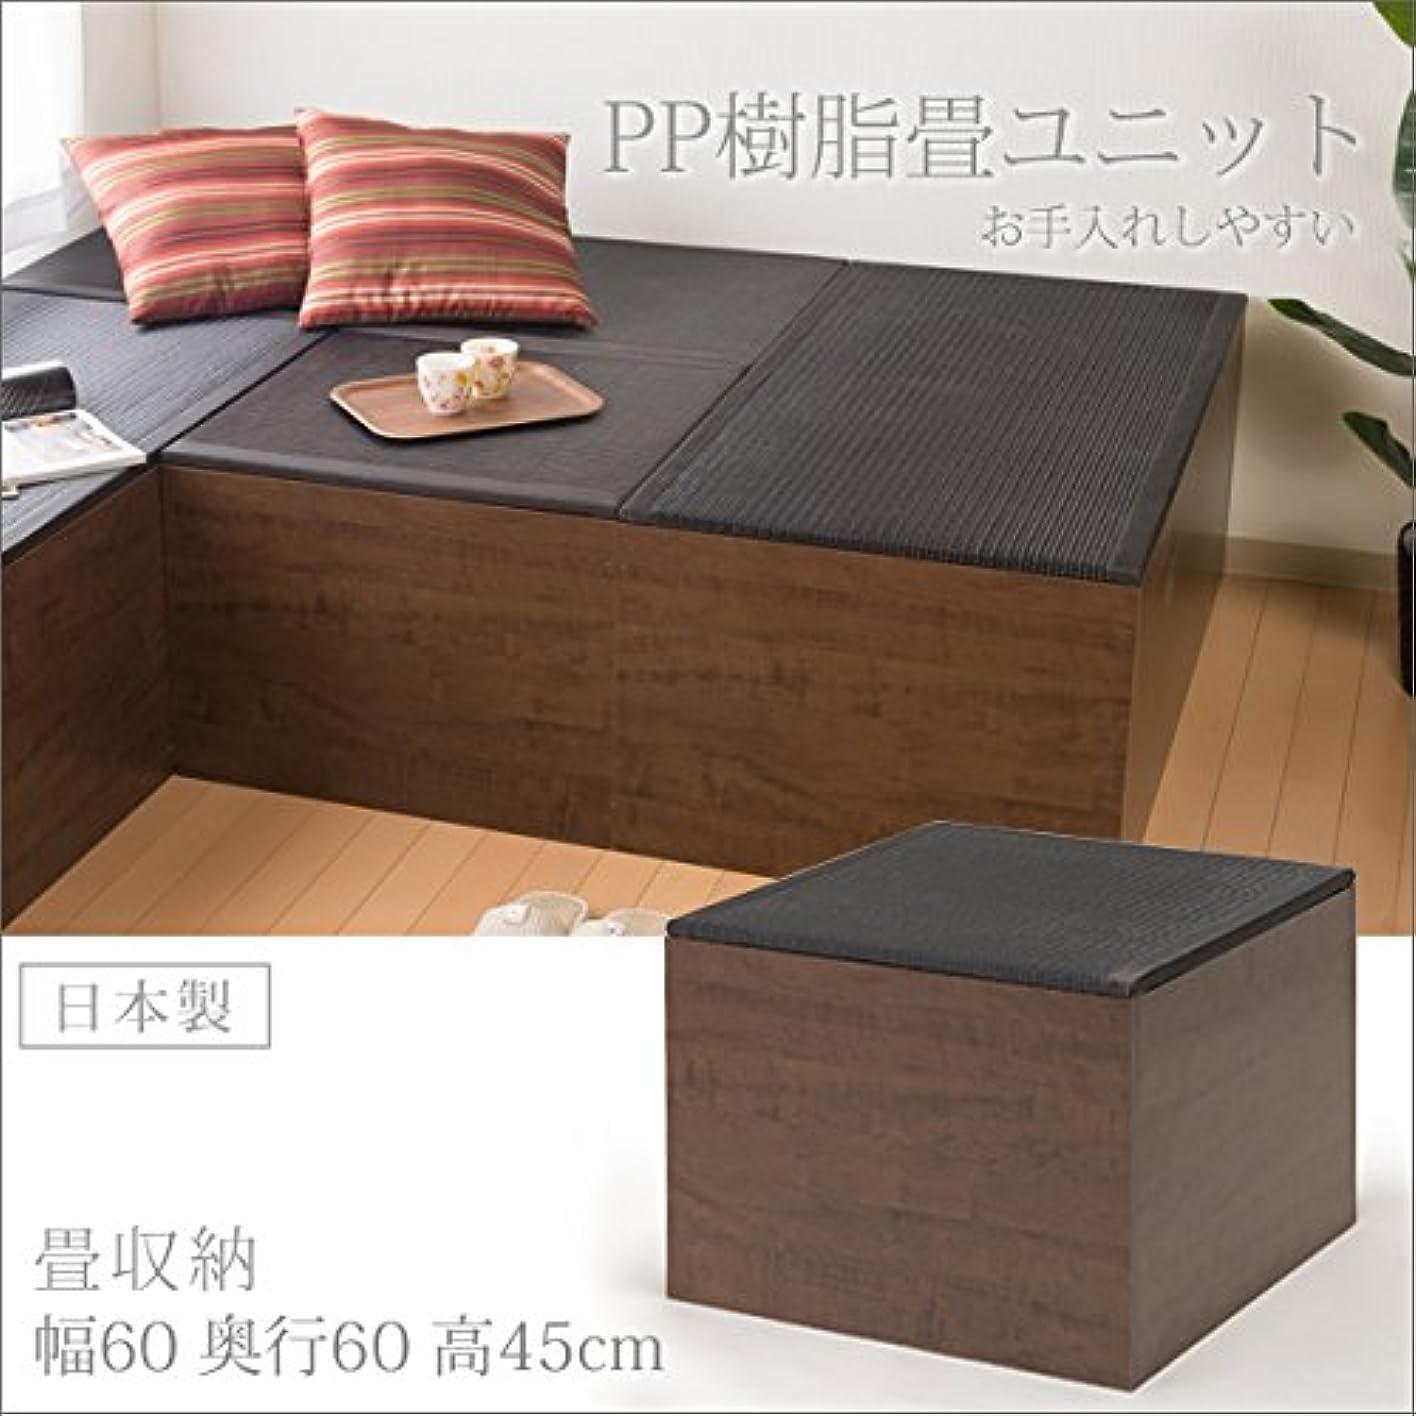 座るフラスコ簡潔な畳収納 ハイタイプ ユニット畳 高床 PP樹脂畳ユニット PP-BK-H60 ブラック黒 ダークブラウン たたみ 畳ボックス 幅60cm 高さ45cm 日本製 サンアイ